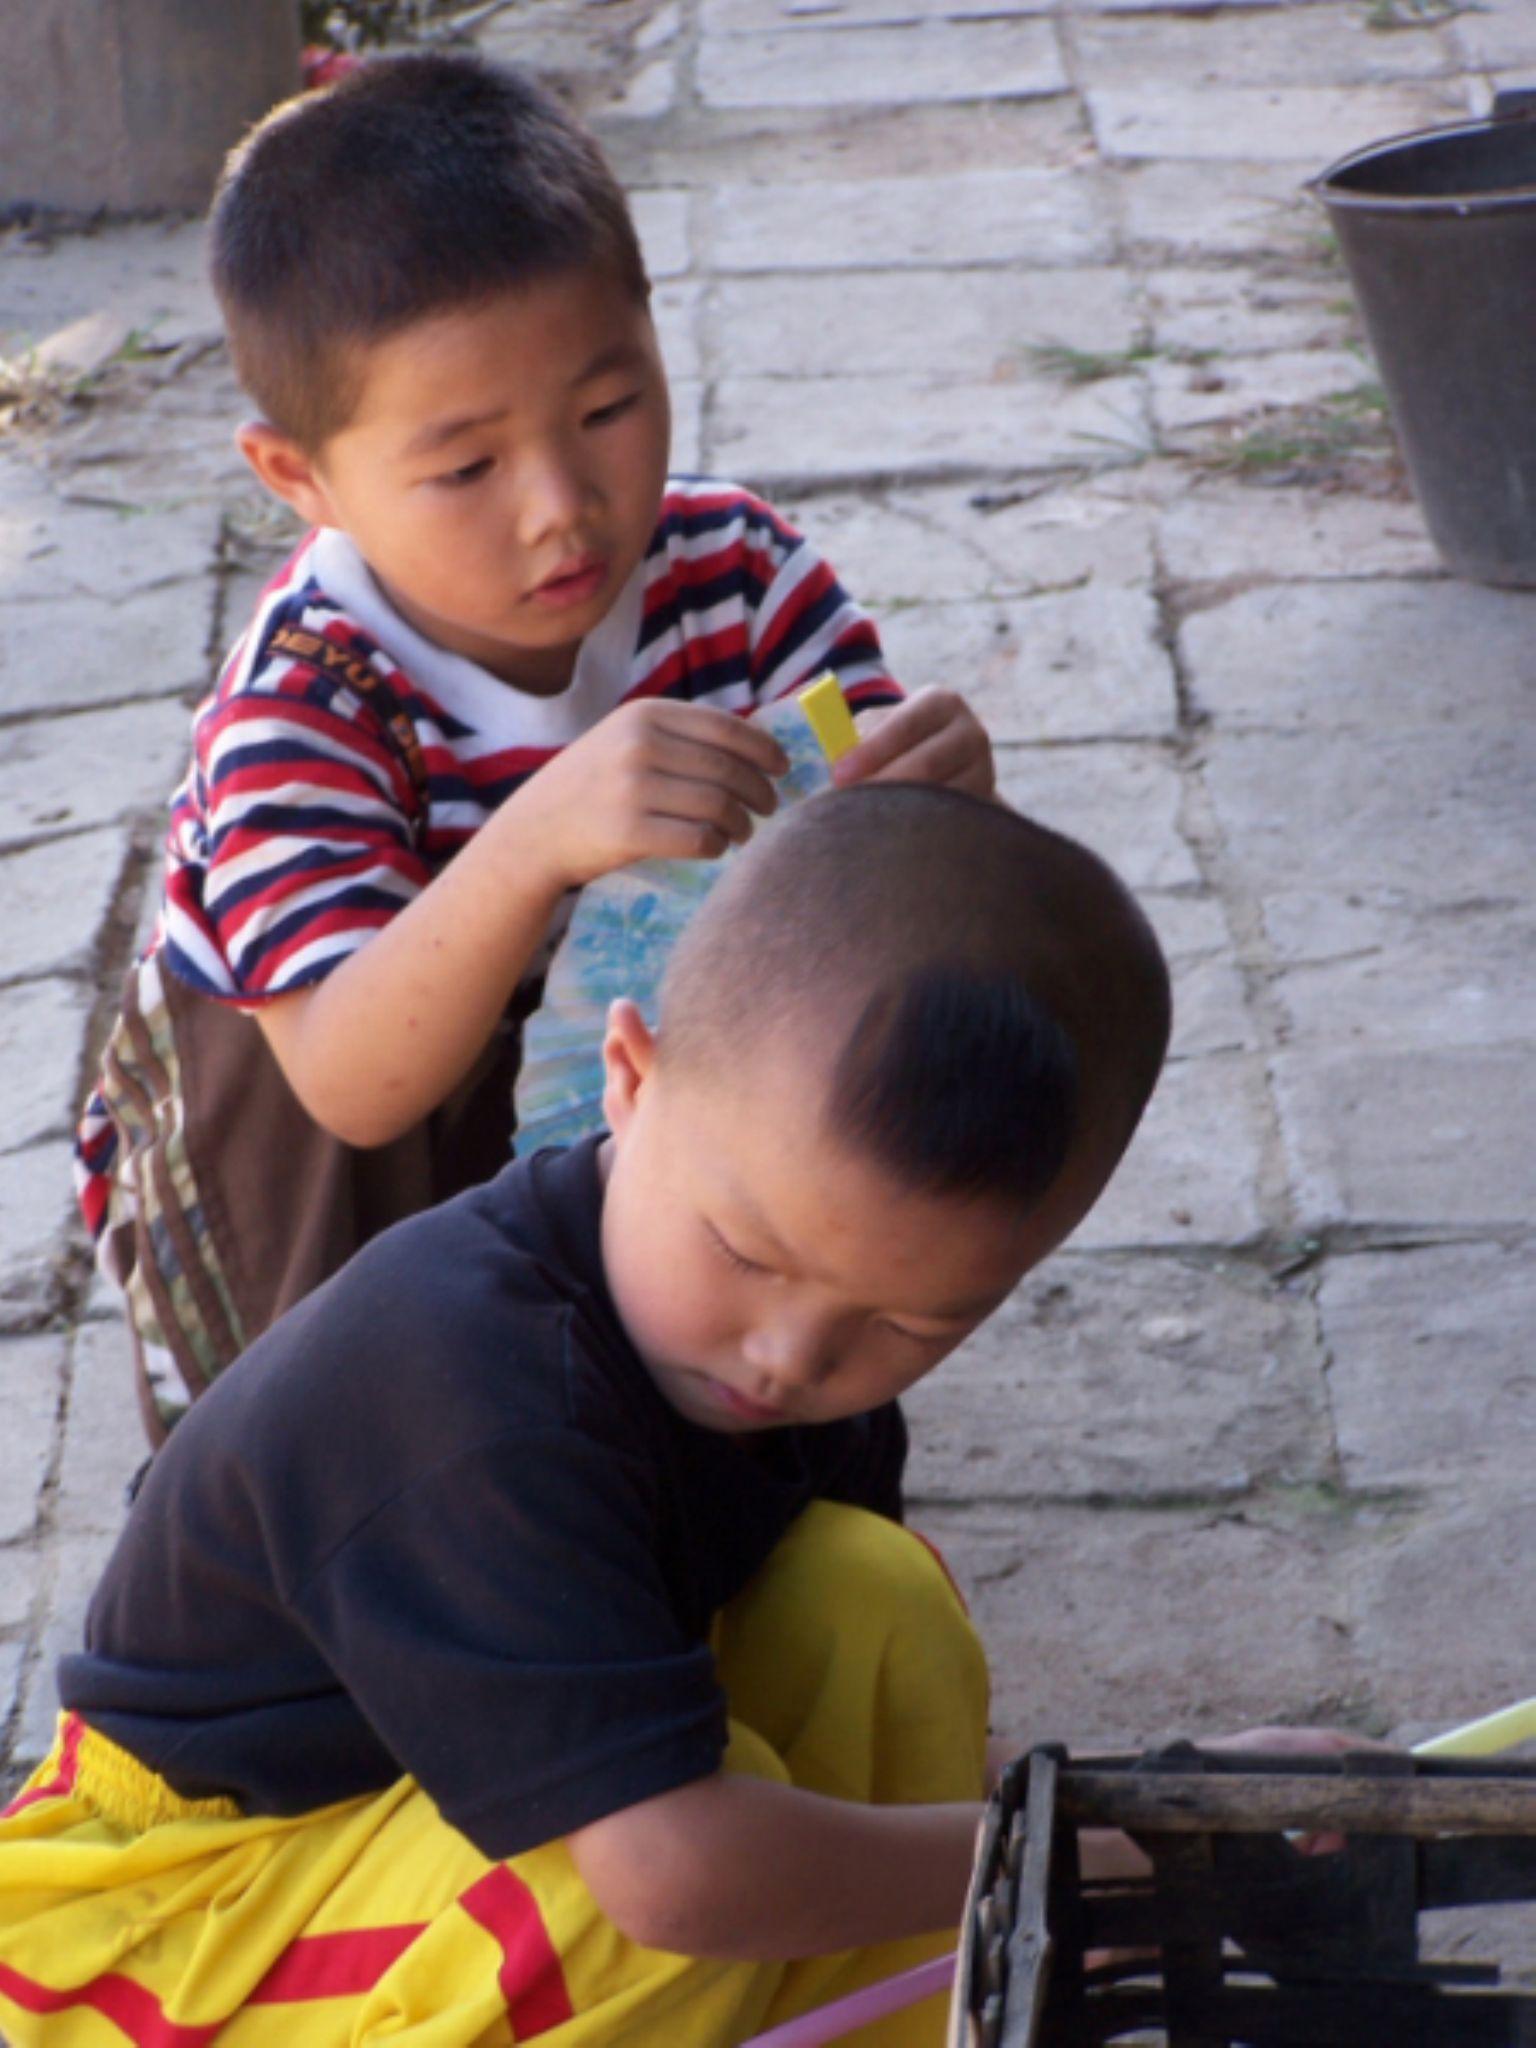 Children, China by Masaharu Uemura